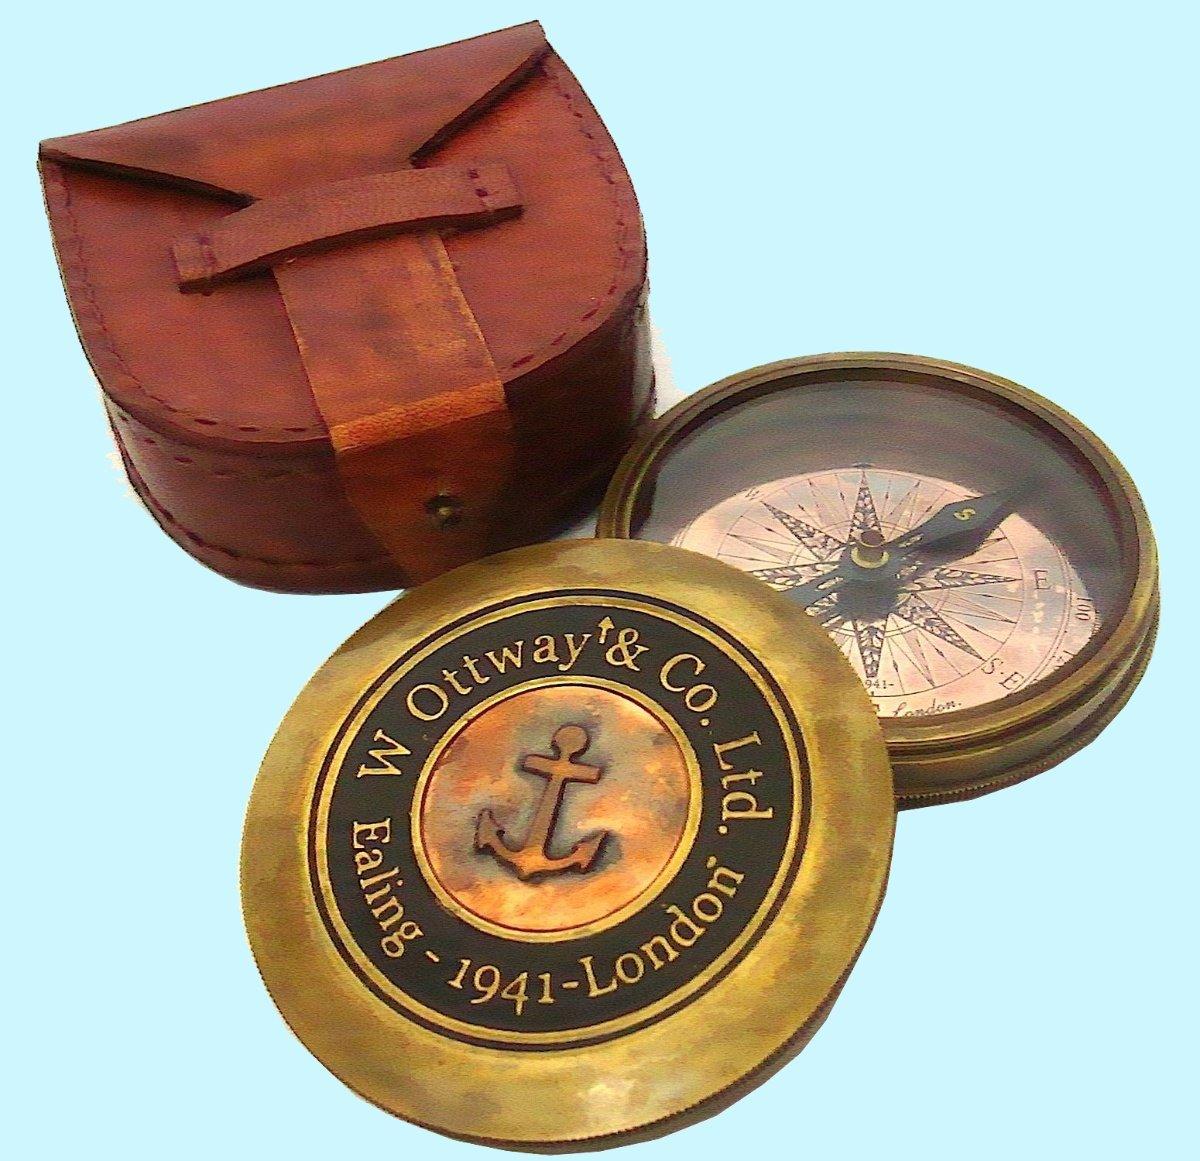 骨董品World W Ottway Company Ltdロンドン1914ヴィンテージLook Fine航海Maritimeアート飾り銅真鍮アンティーク詩コンパス、レザーケースawusasc 09 B071WKKJXG